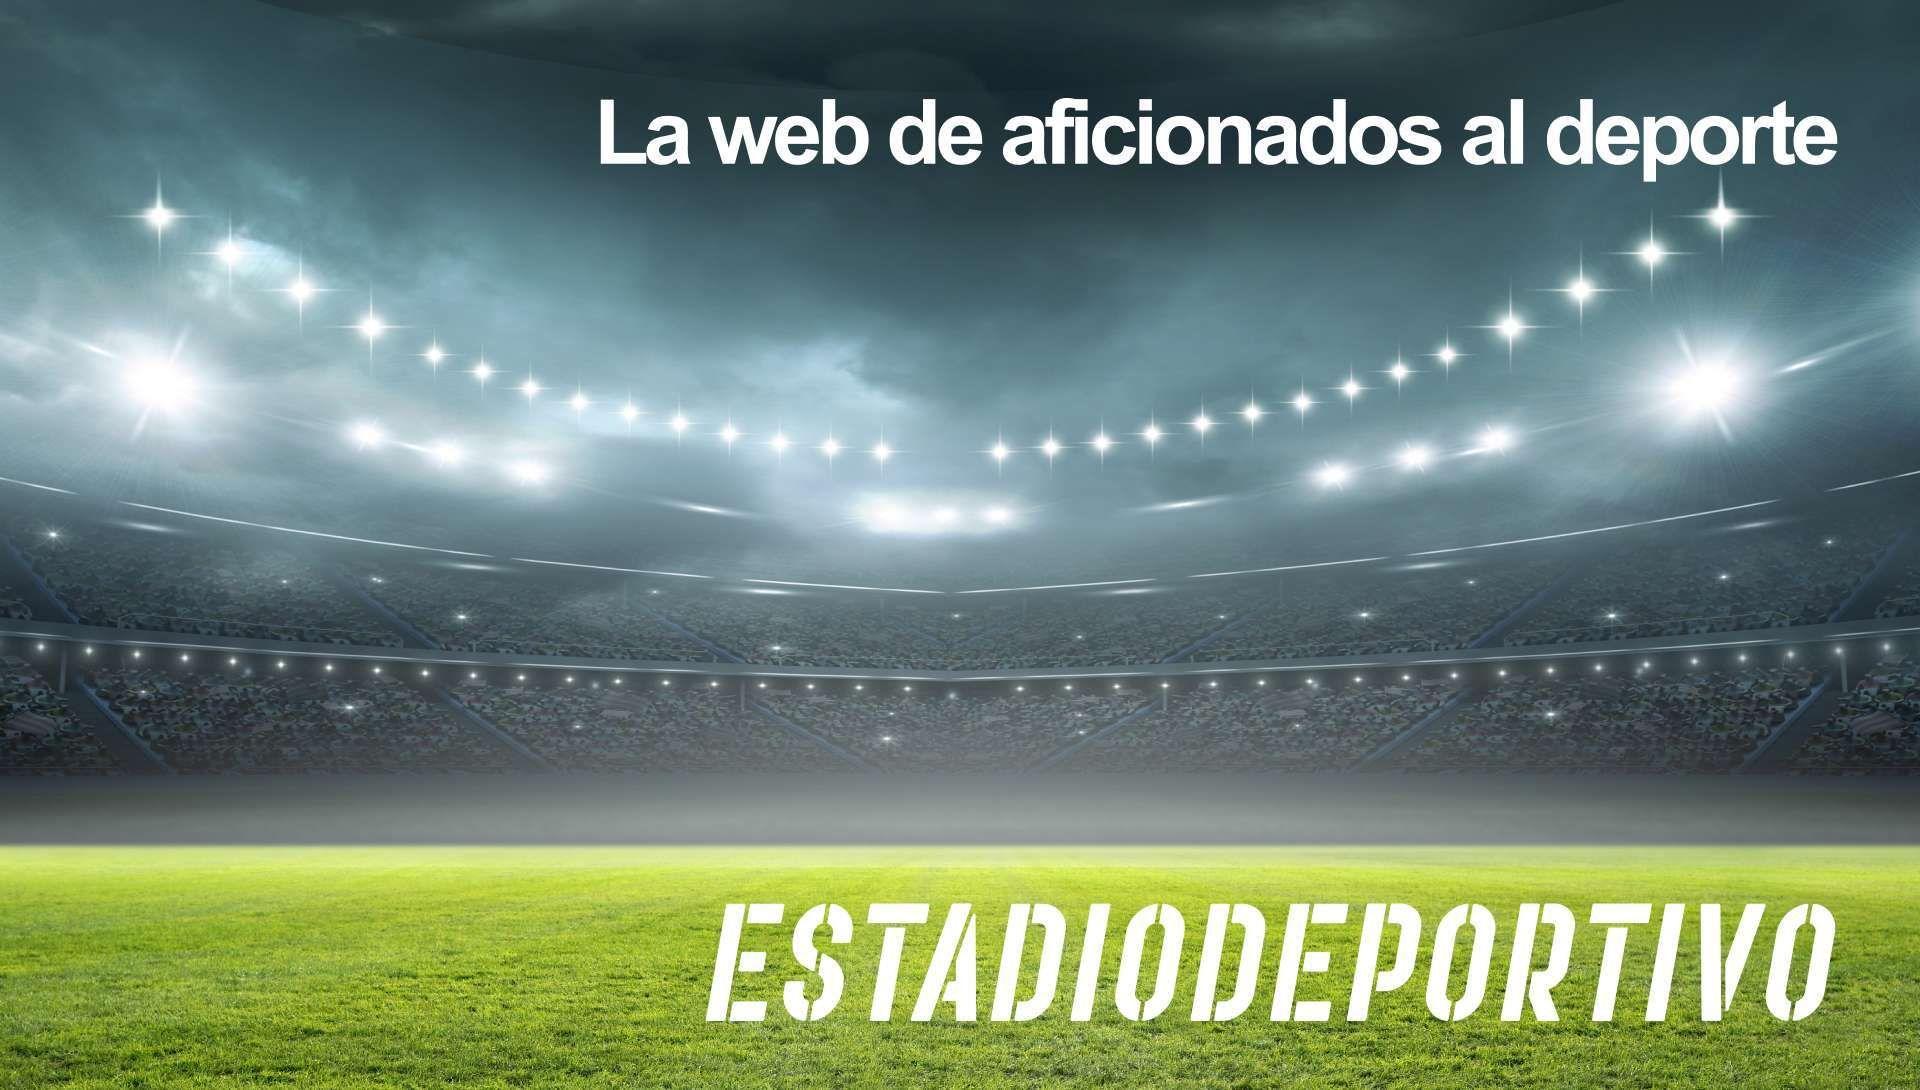 Las mejores imágenes del At. Madrid-Betis